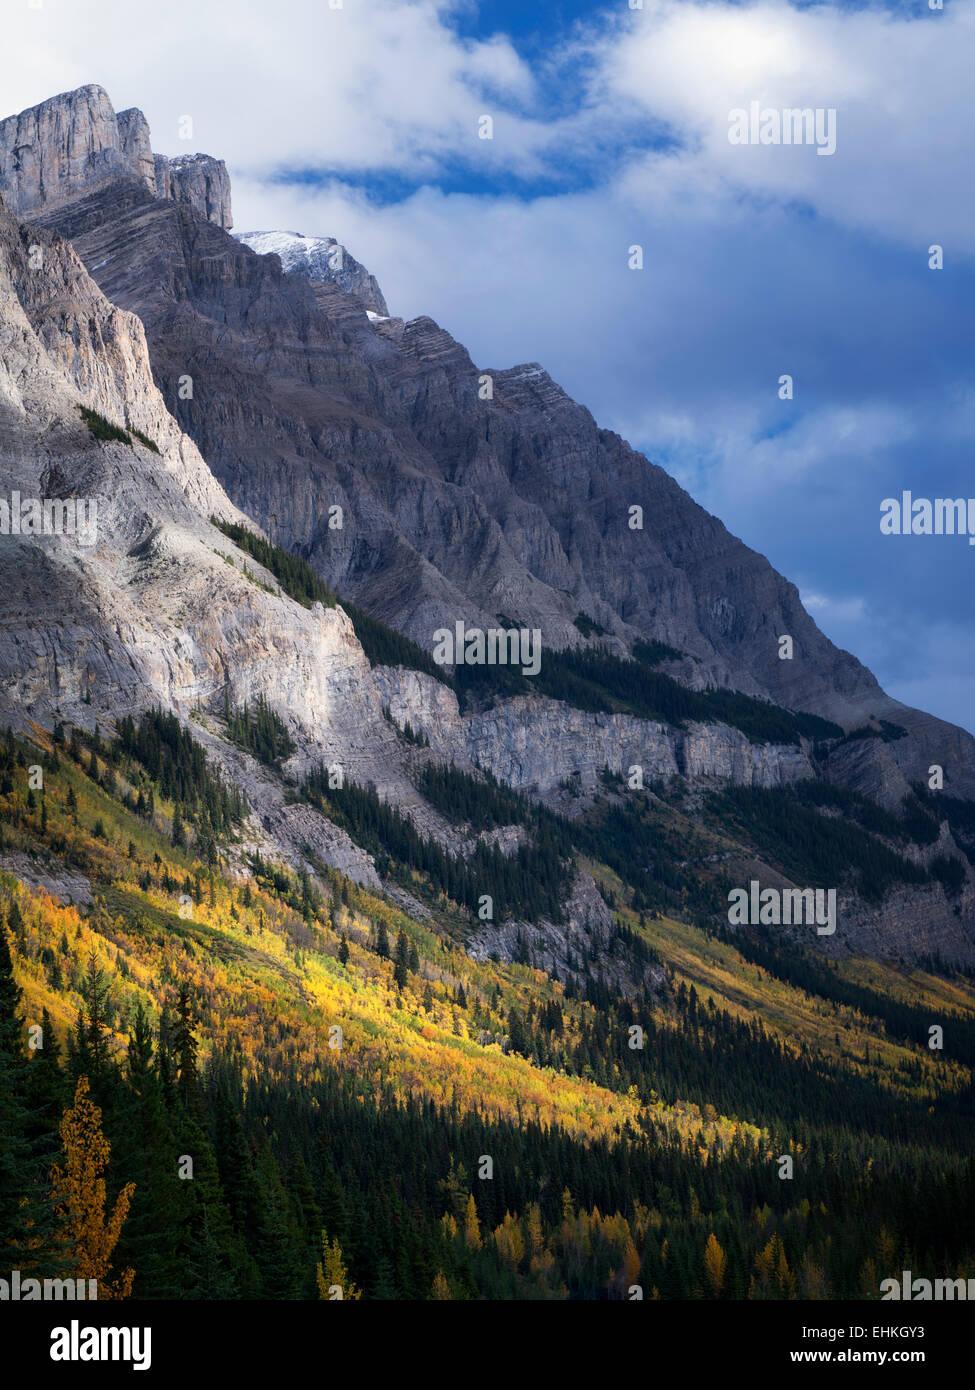 Con la caída de montaña Aspen coloreados de árboles. Parque Nacional de Banff, Alberta, Canadá Imagen De Stock